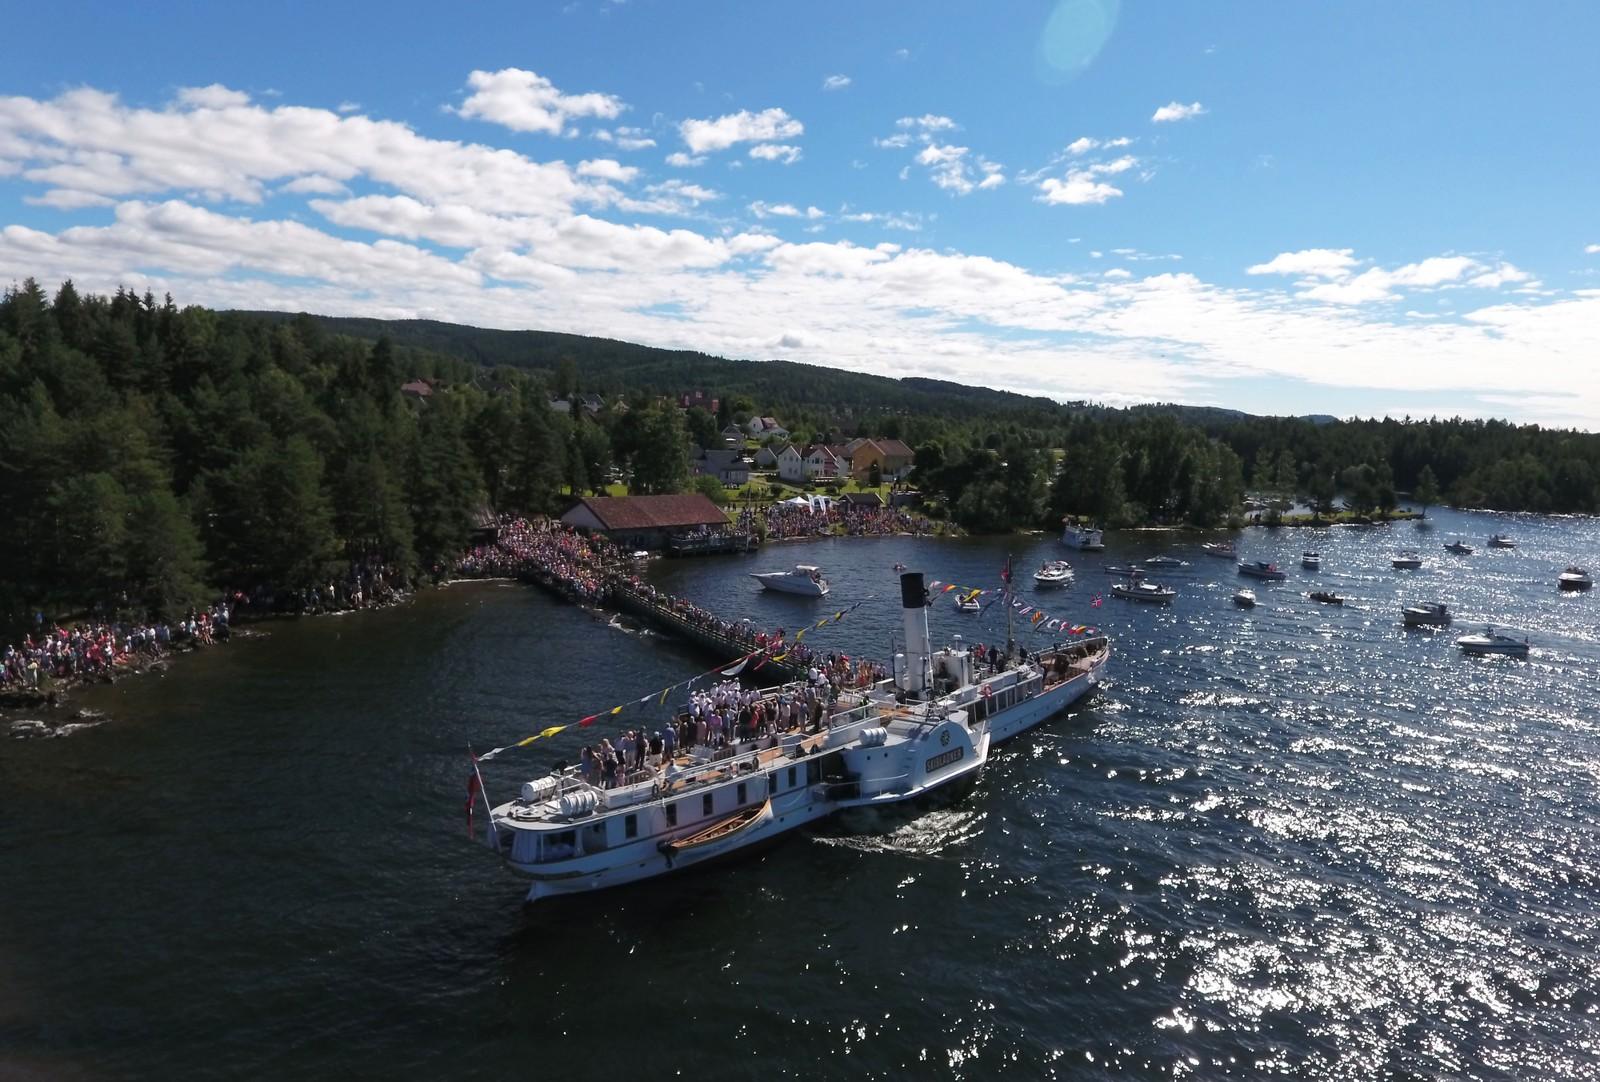 Skibladner ligger inntil brygga i Moelv med en stor menneskemengde på land.